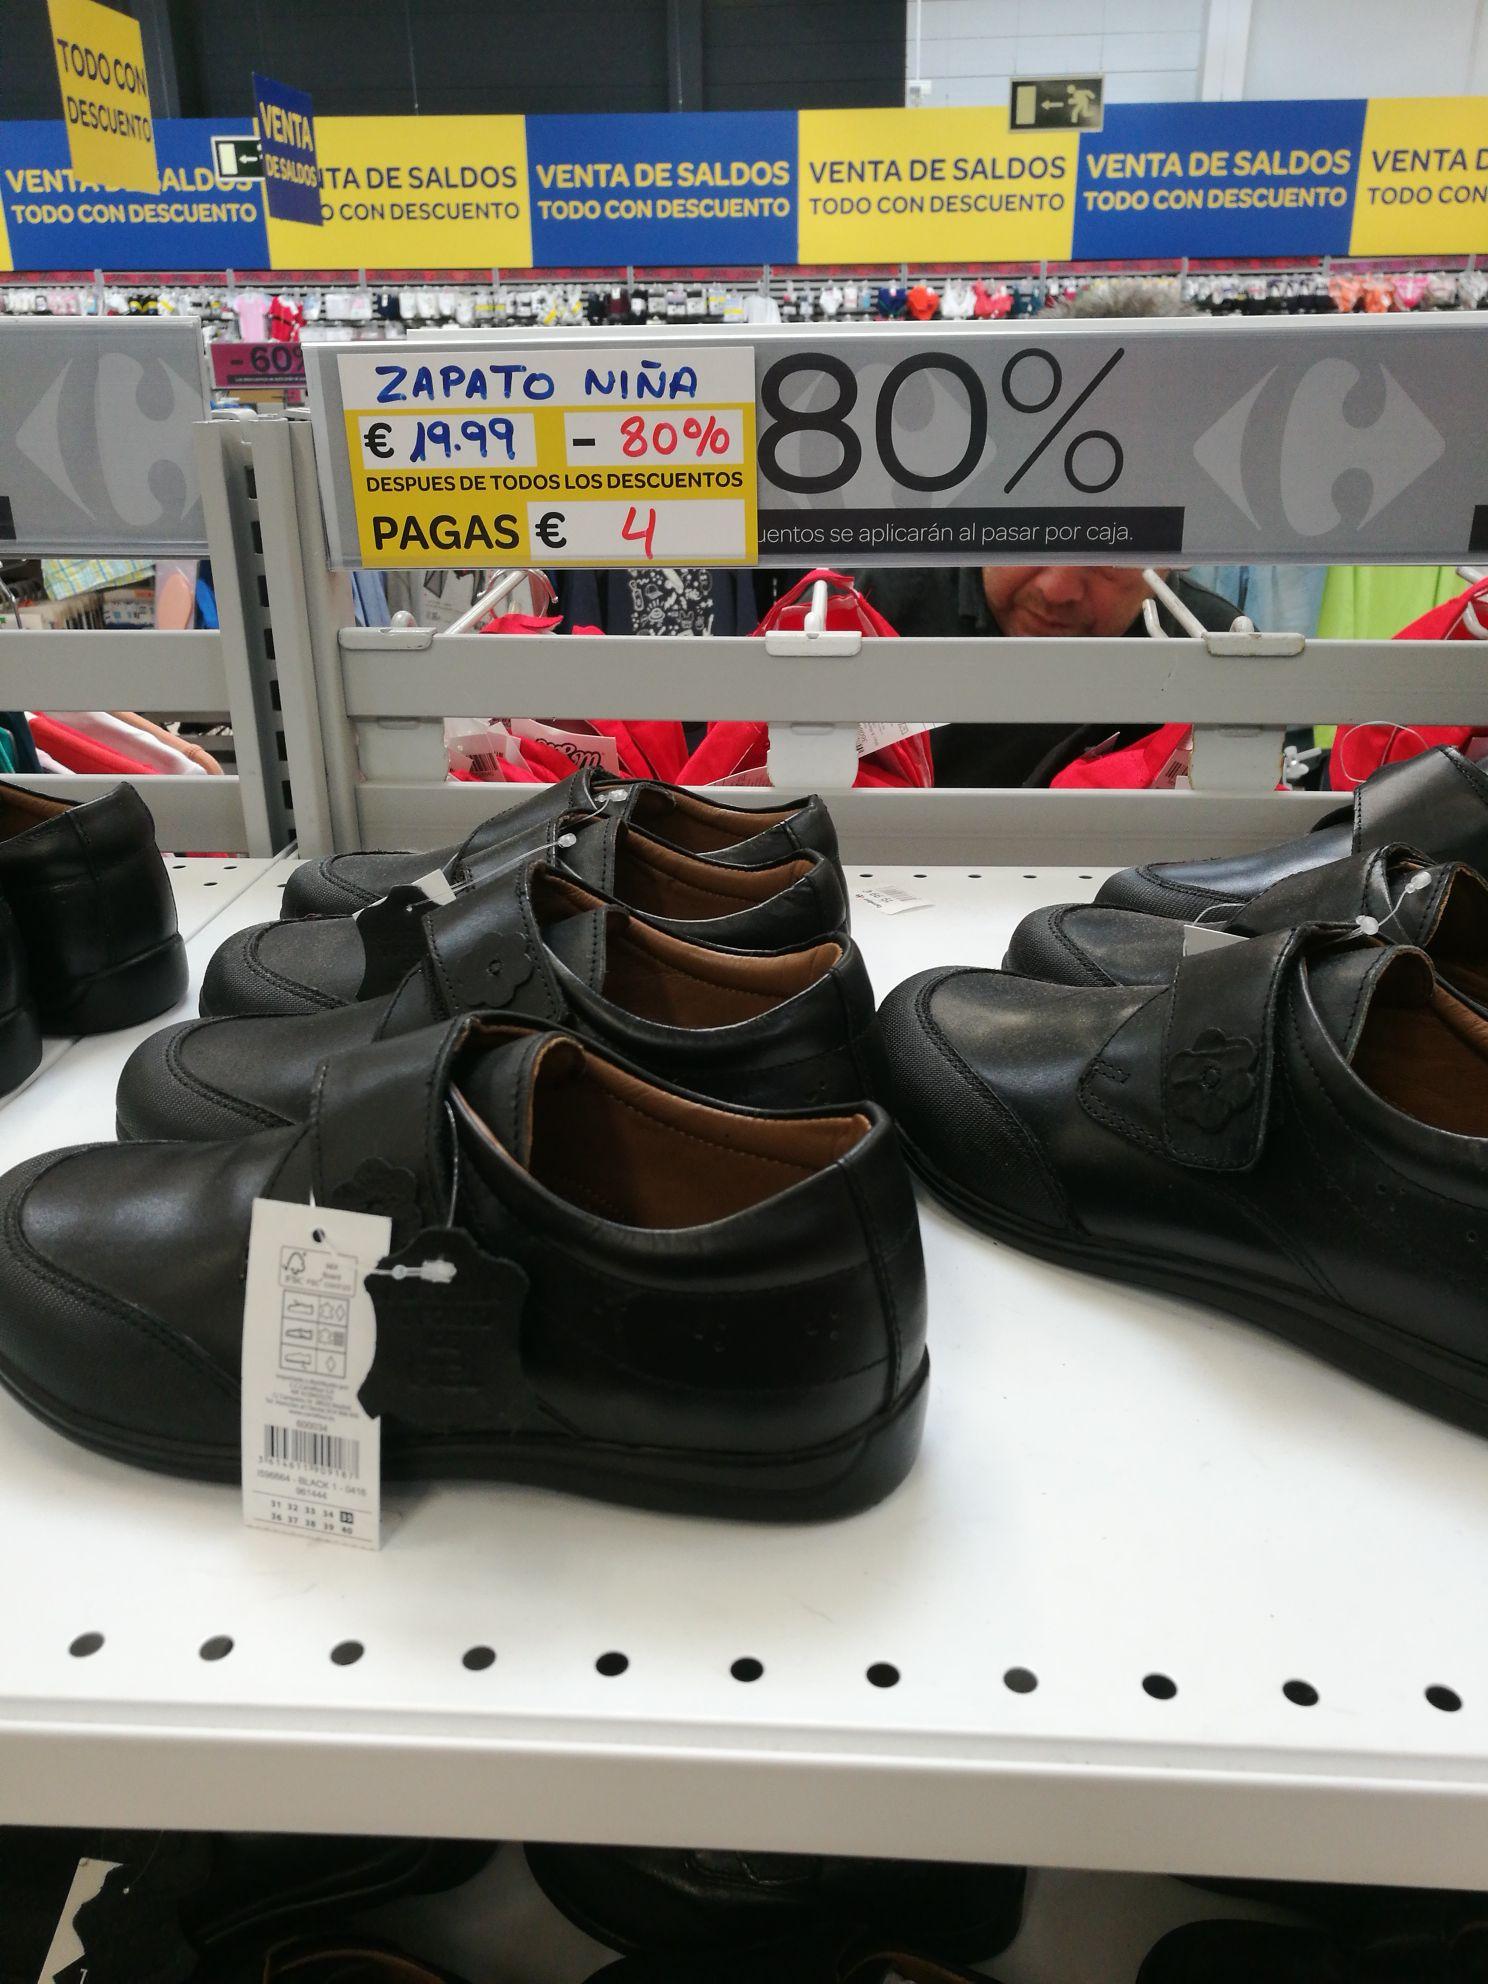 Zapatos colegio niña - Carrefour peñacastillo